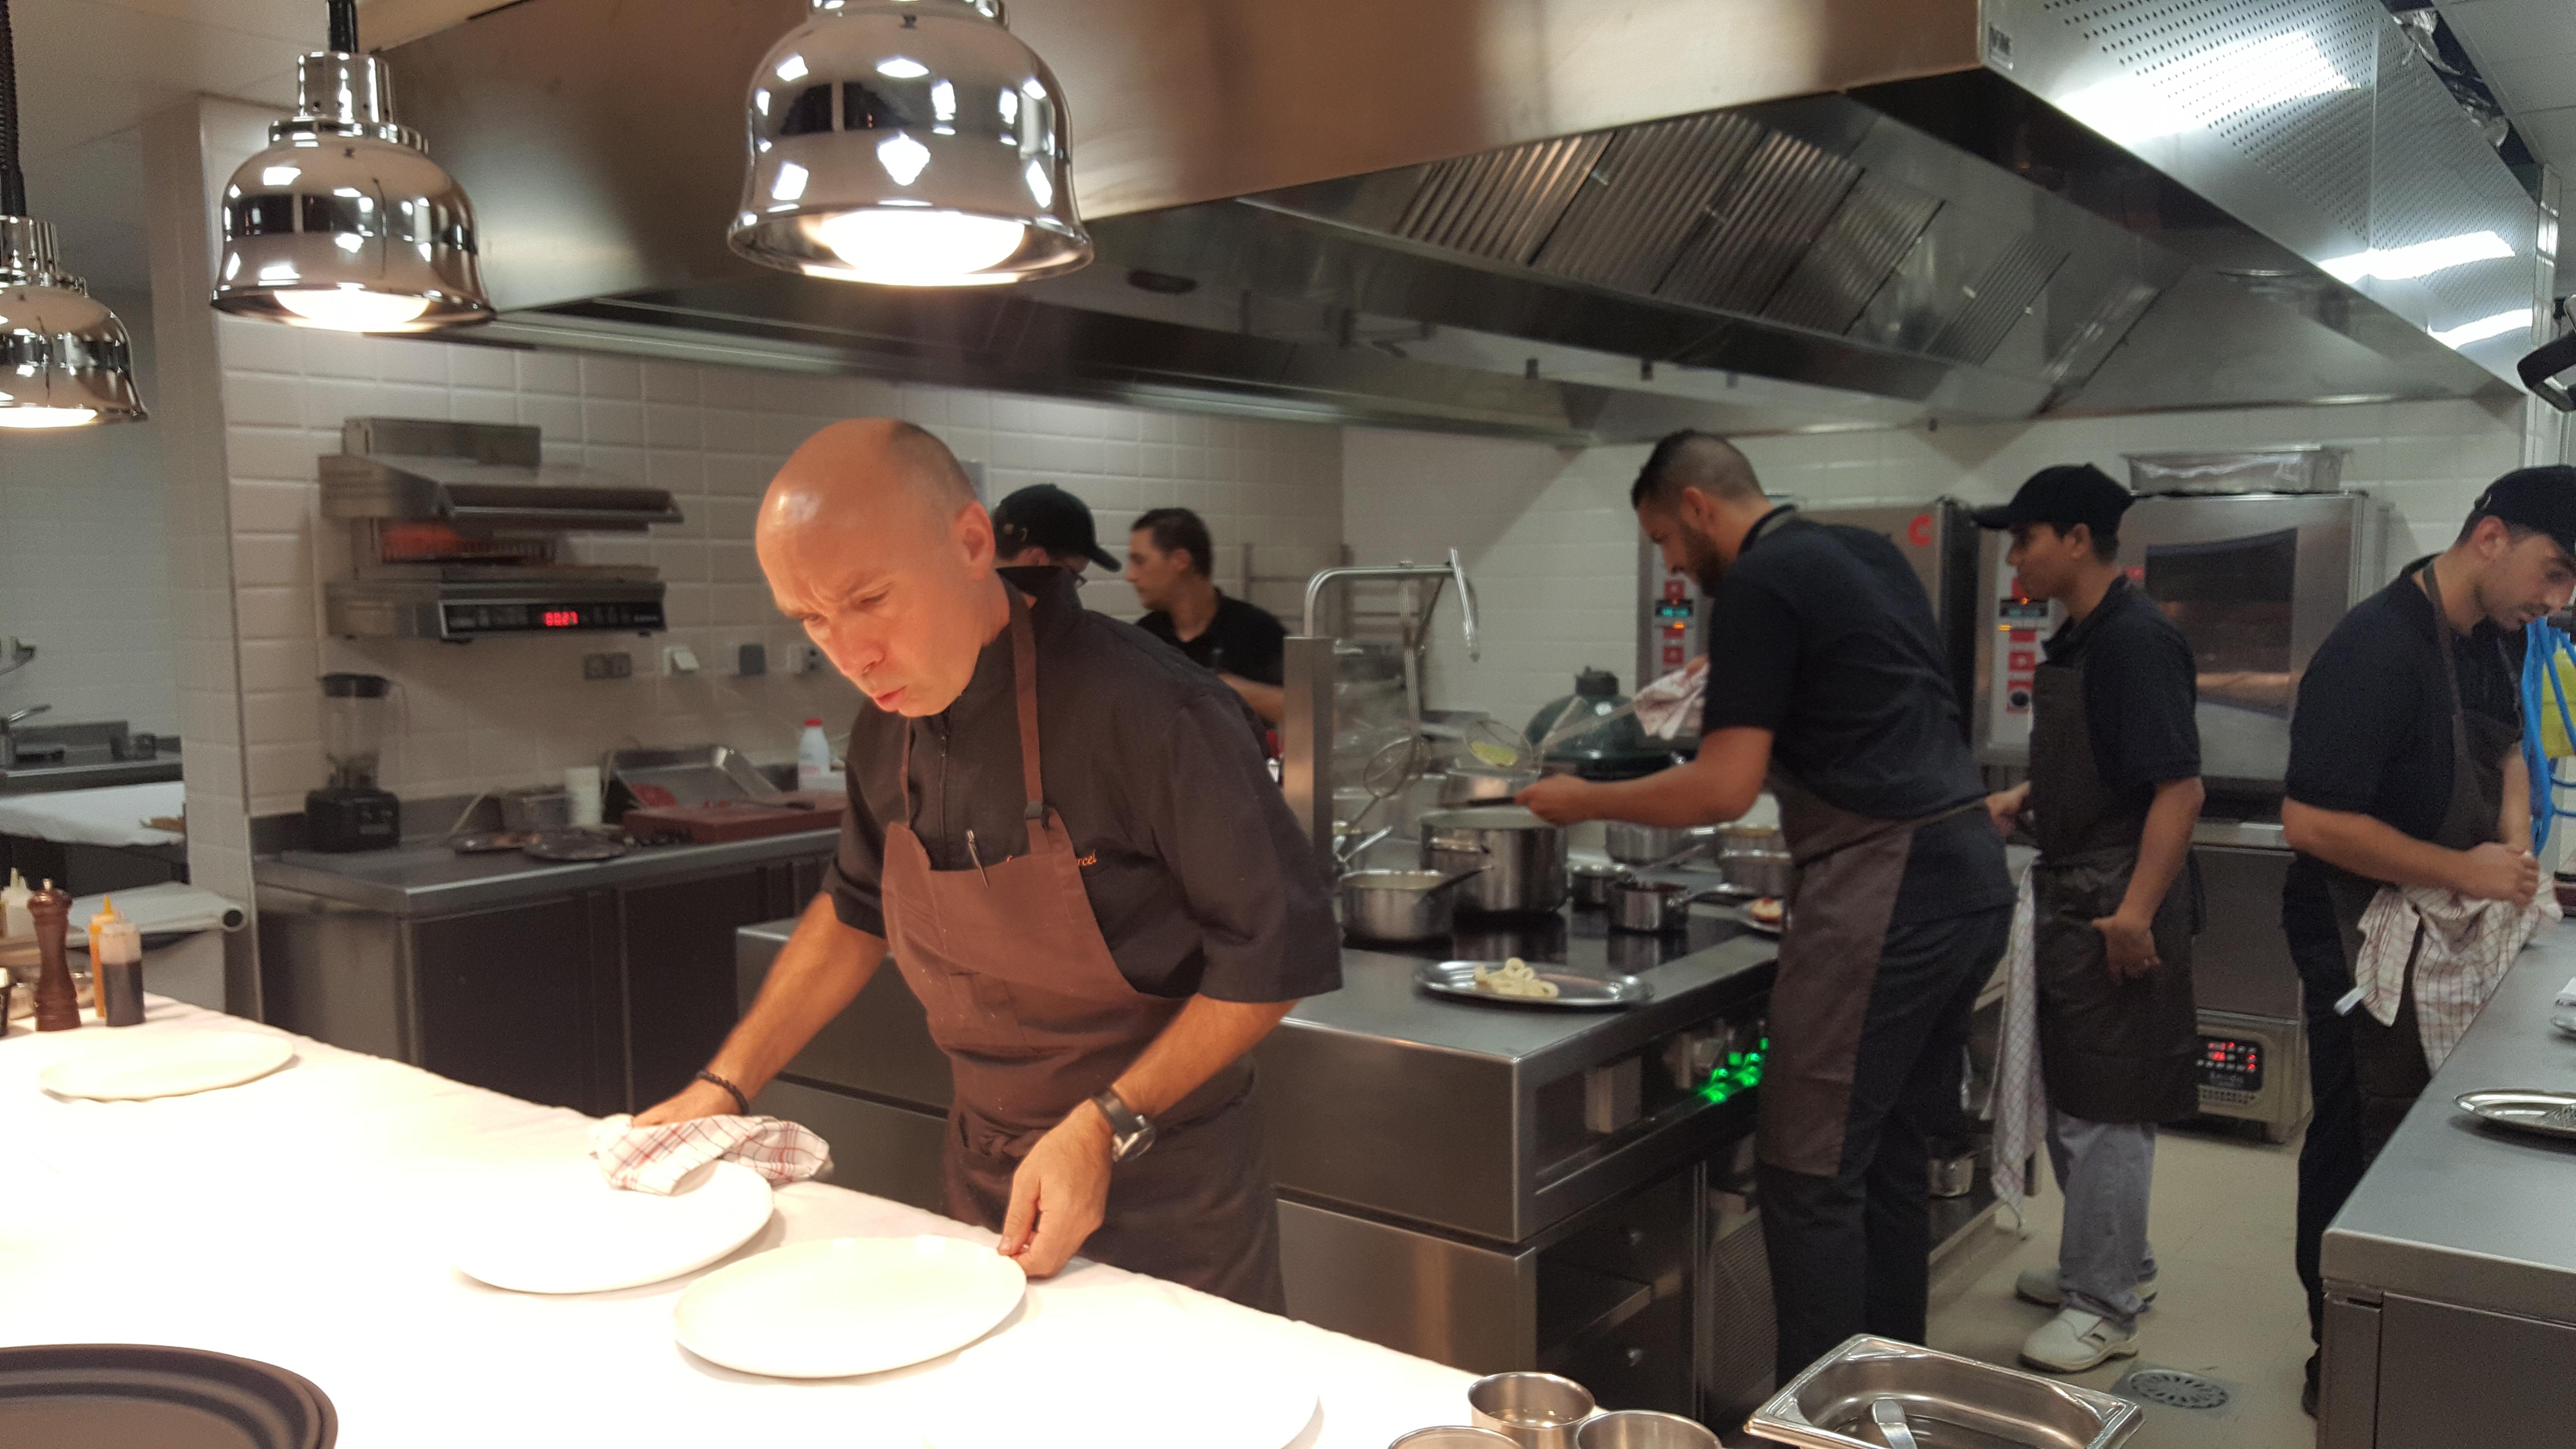 France 3 les fr res pourcel se lancent dans la cuisine - Cuisine bistronomique ...